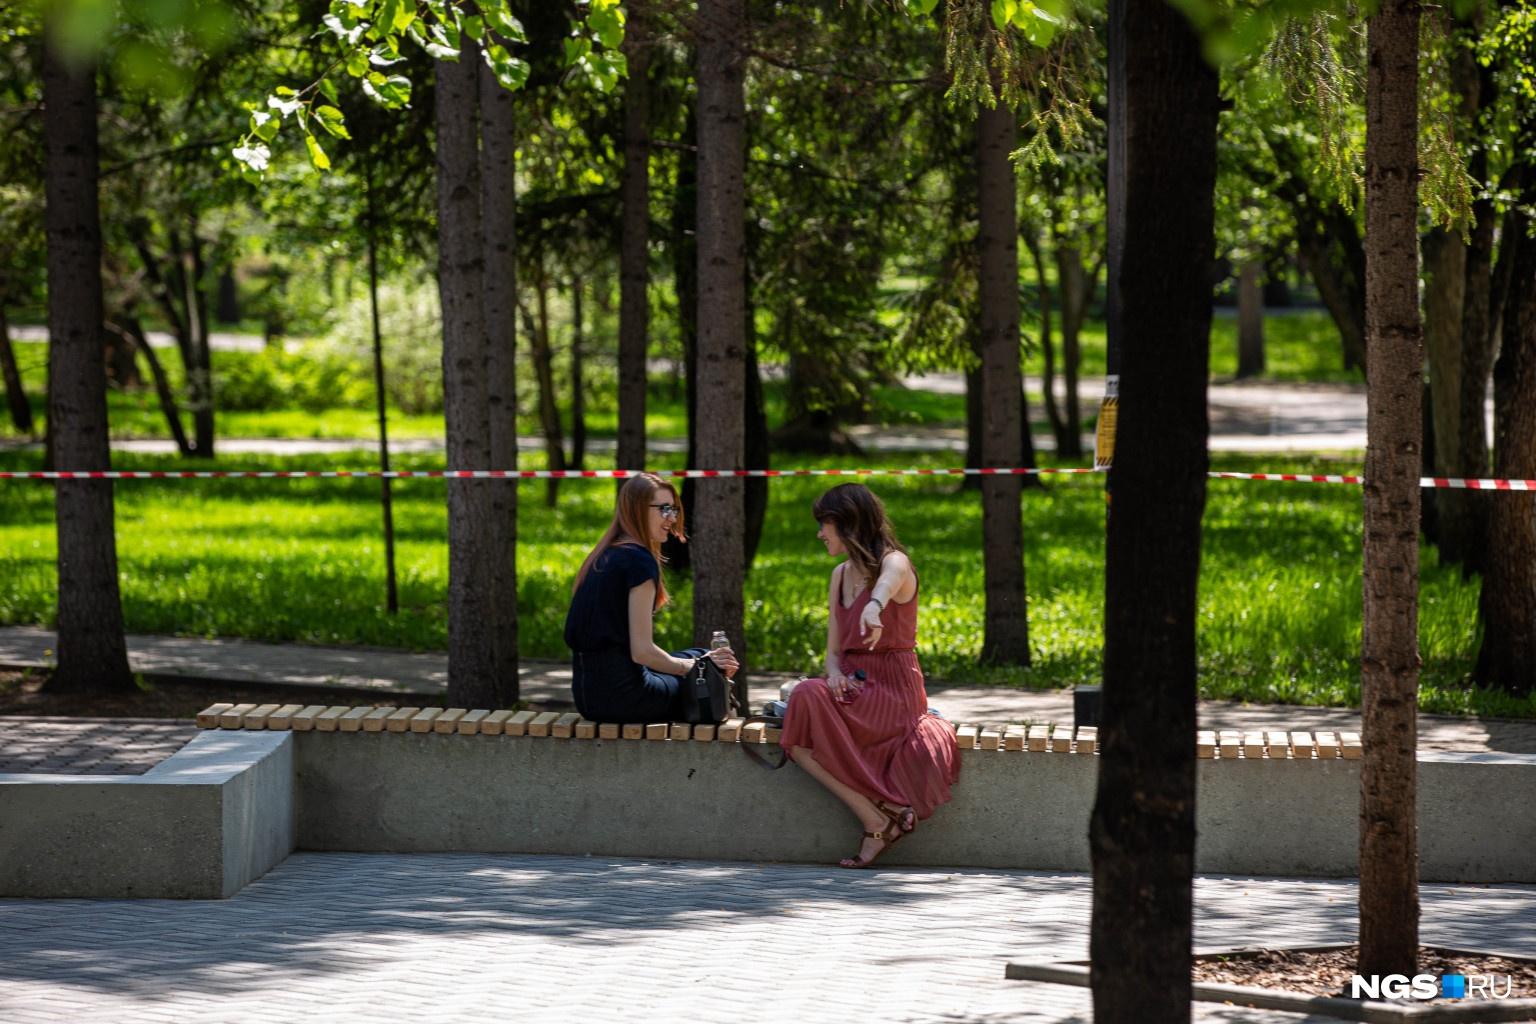 Парки и зелёные зоны для посещения закрыли ещё в конце апреля